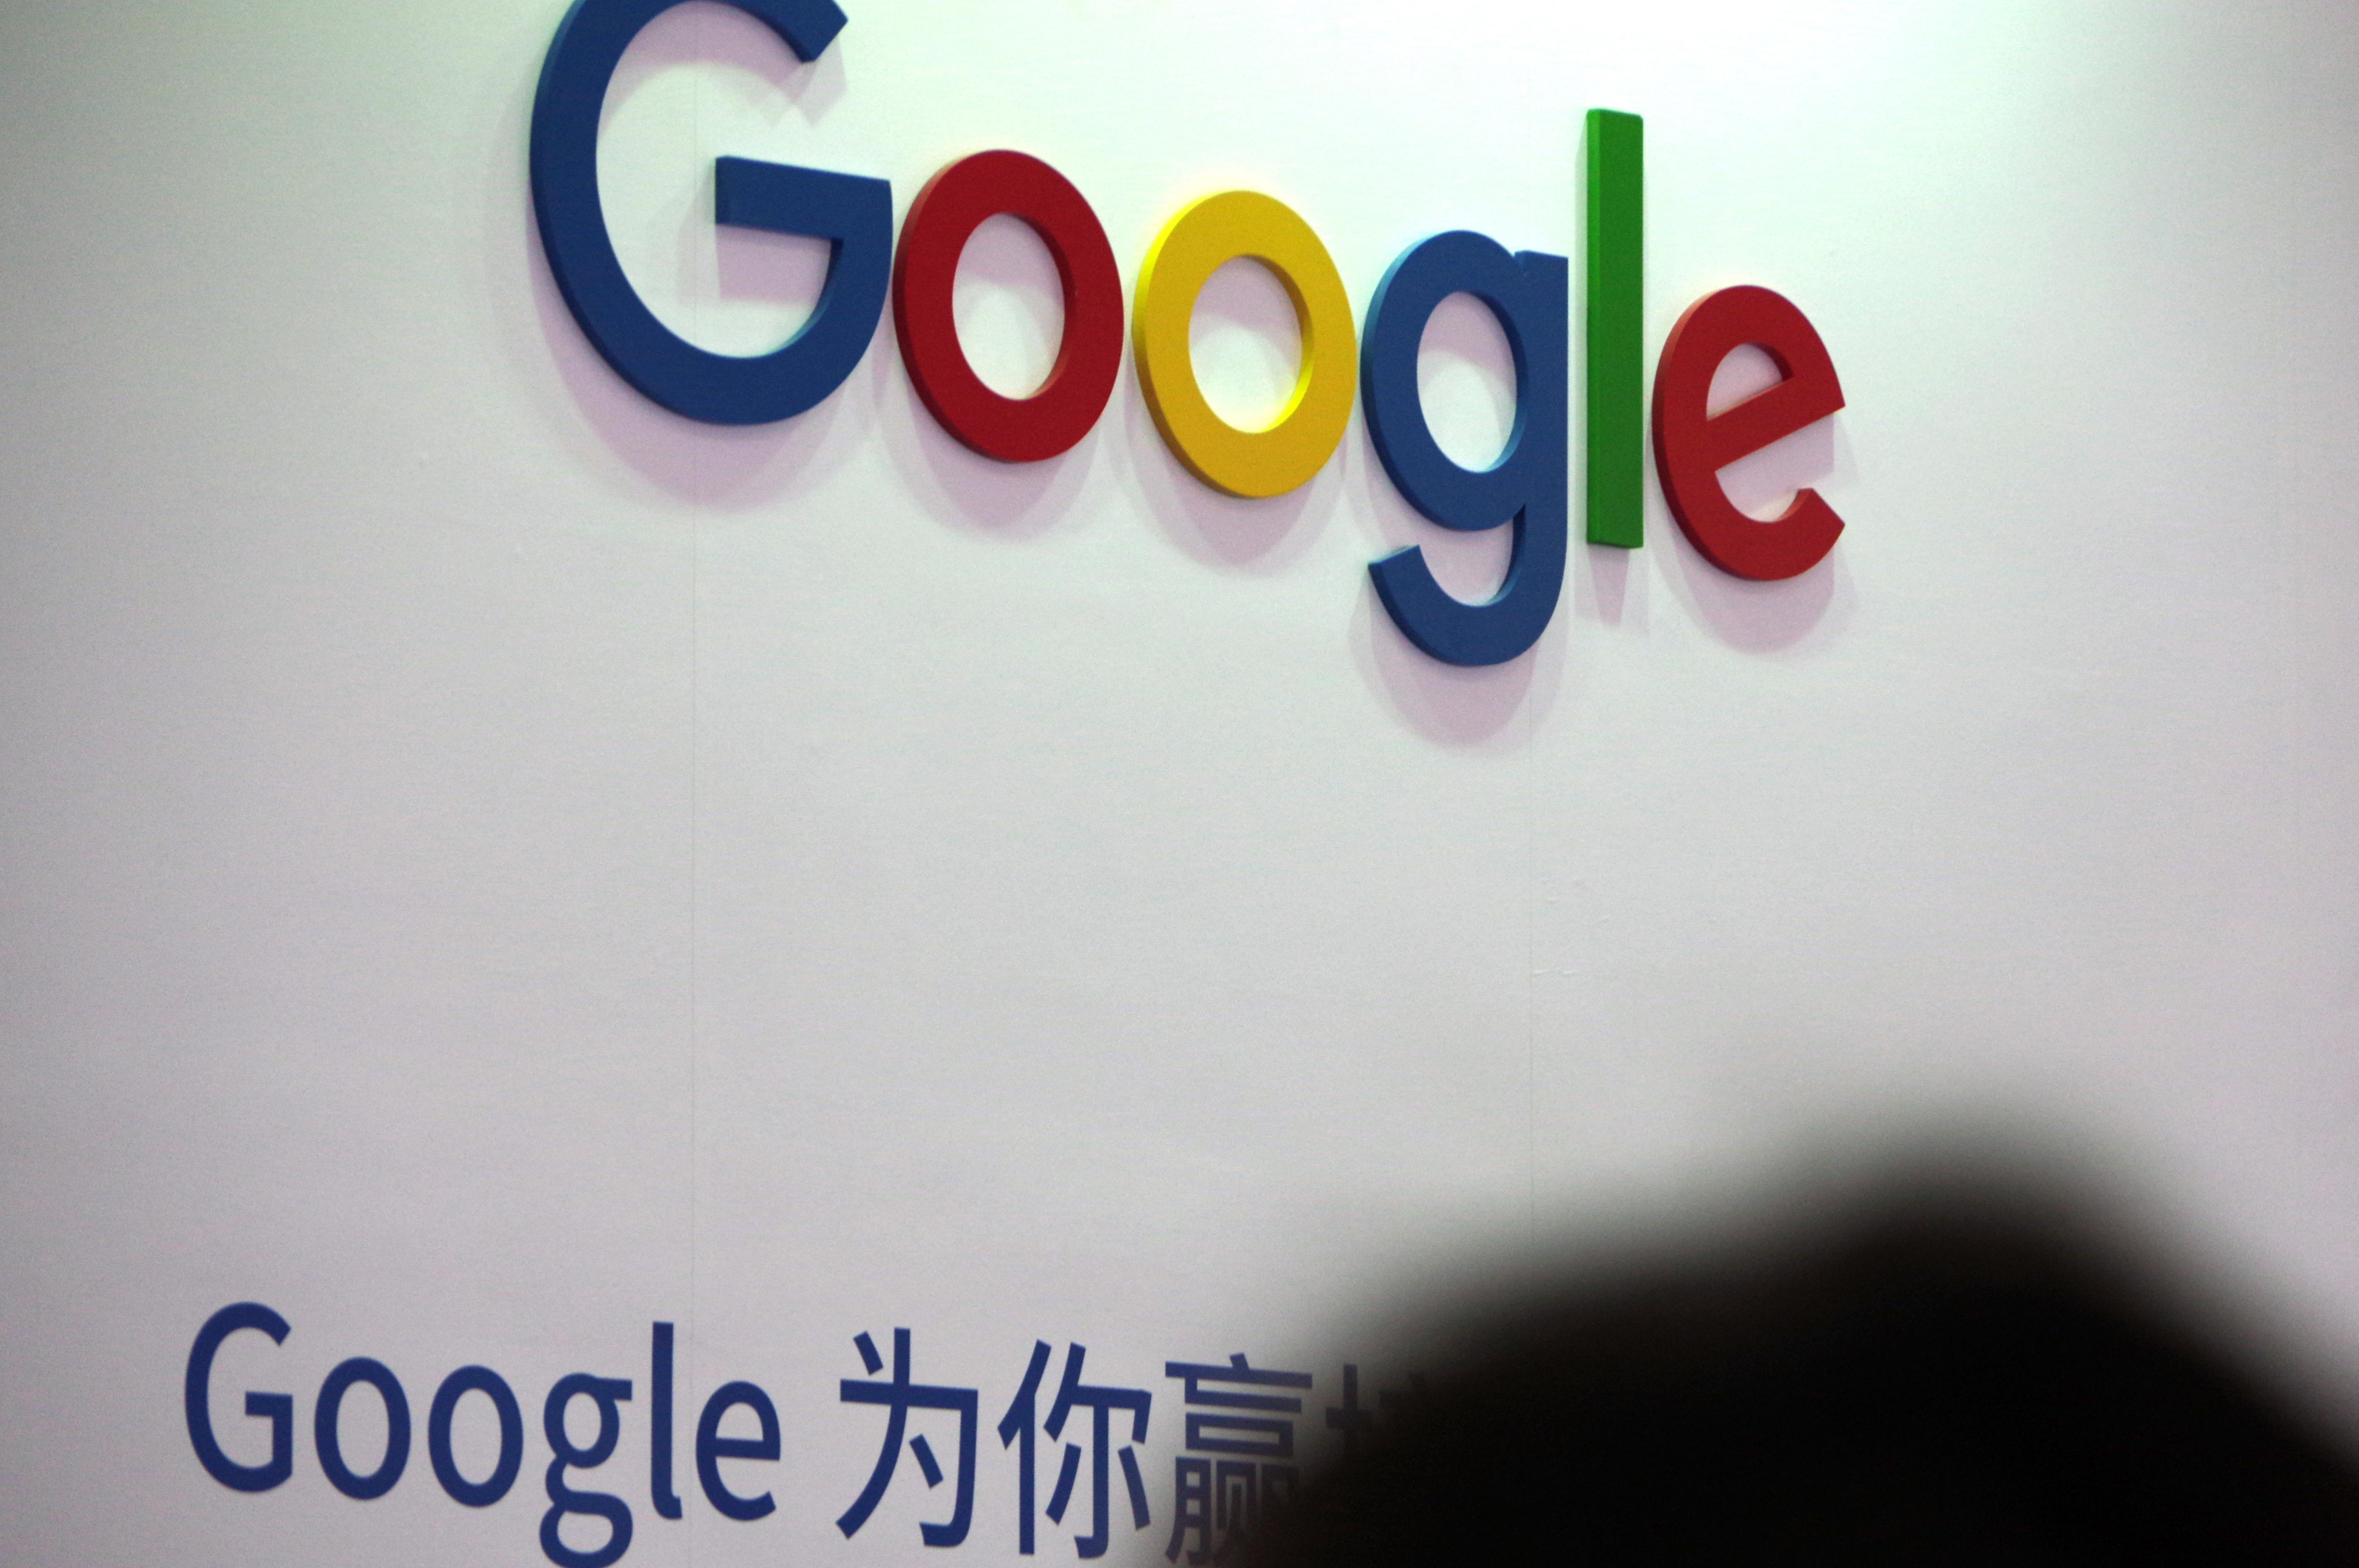 Amerikában perlik a Google-t, amiért az inkognitó böngészésről is gyűjt adatokat